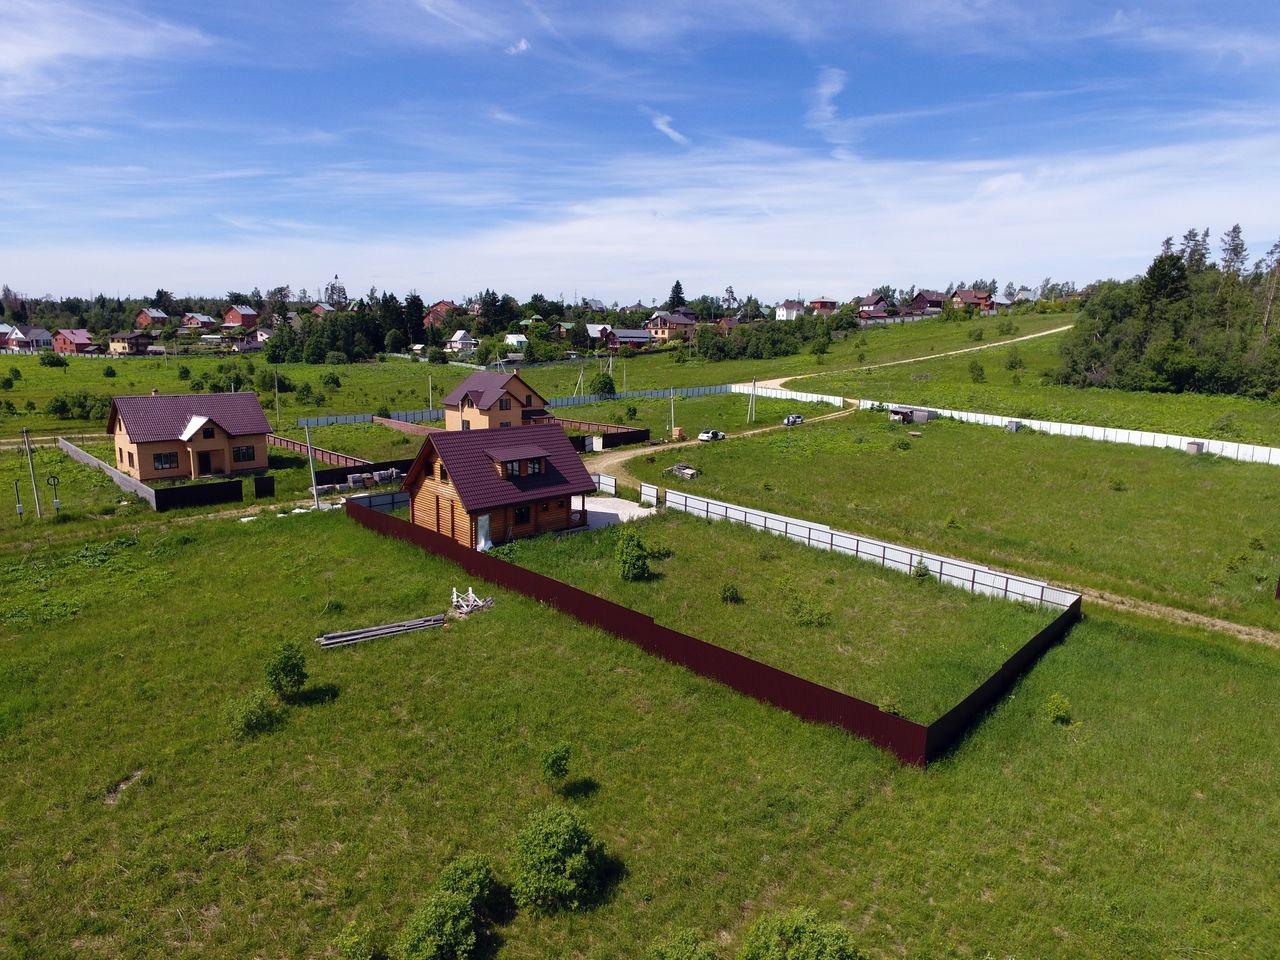 Участок для дачного строительства в Федотово - Изображение 4